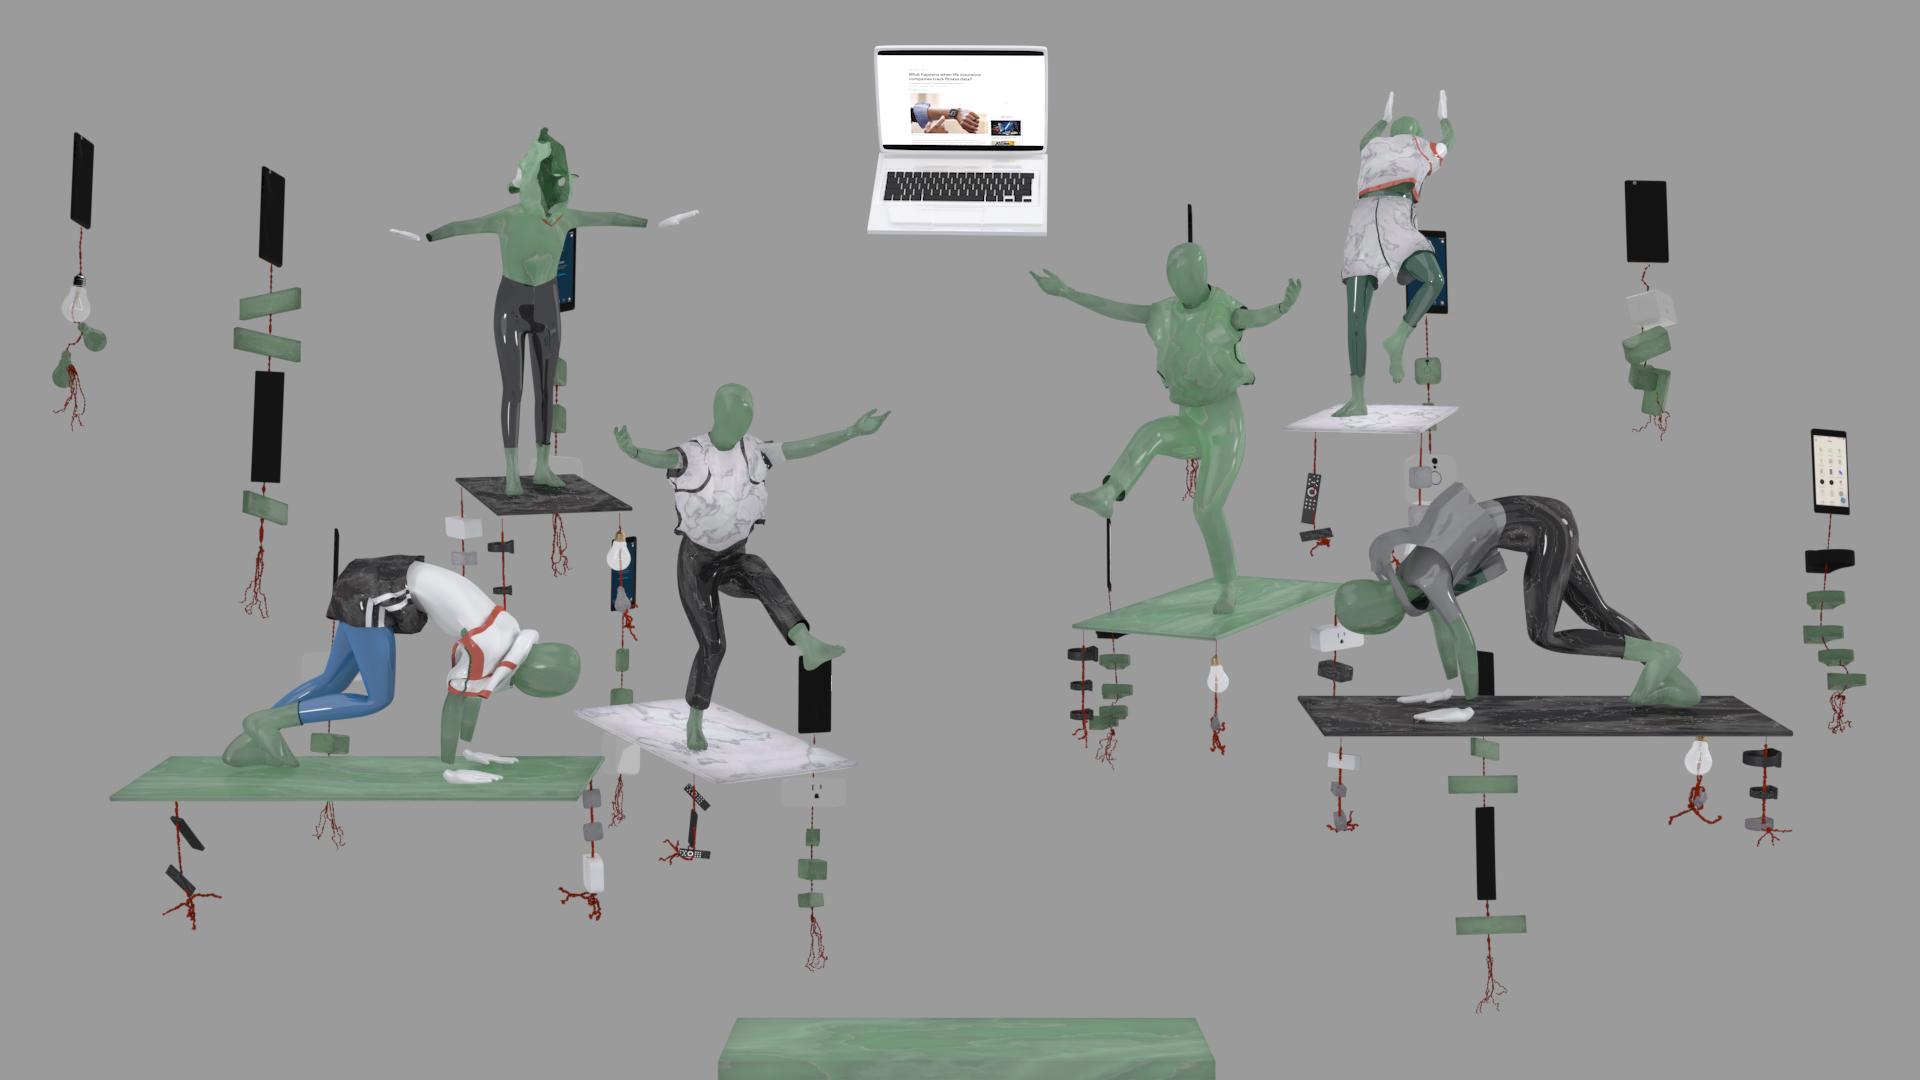 Kara Chin, Fitbit Worship, 2020. 1080p animation, 16:9. 00:02:24.